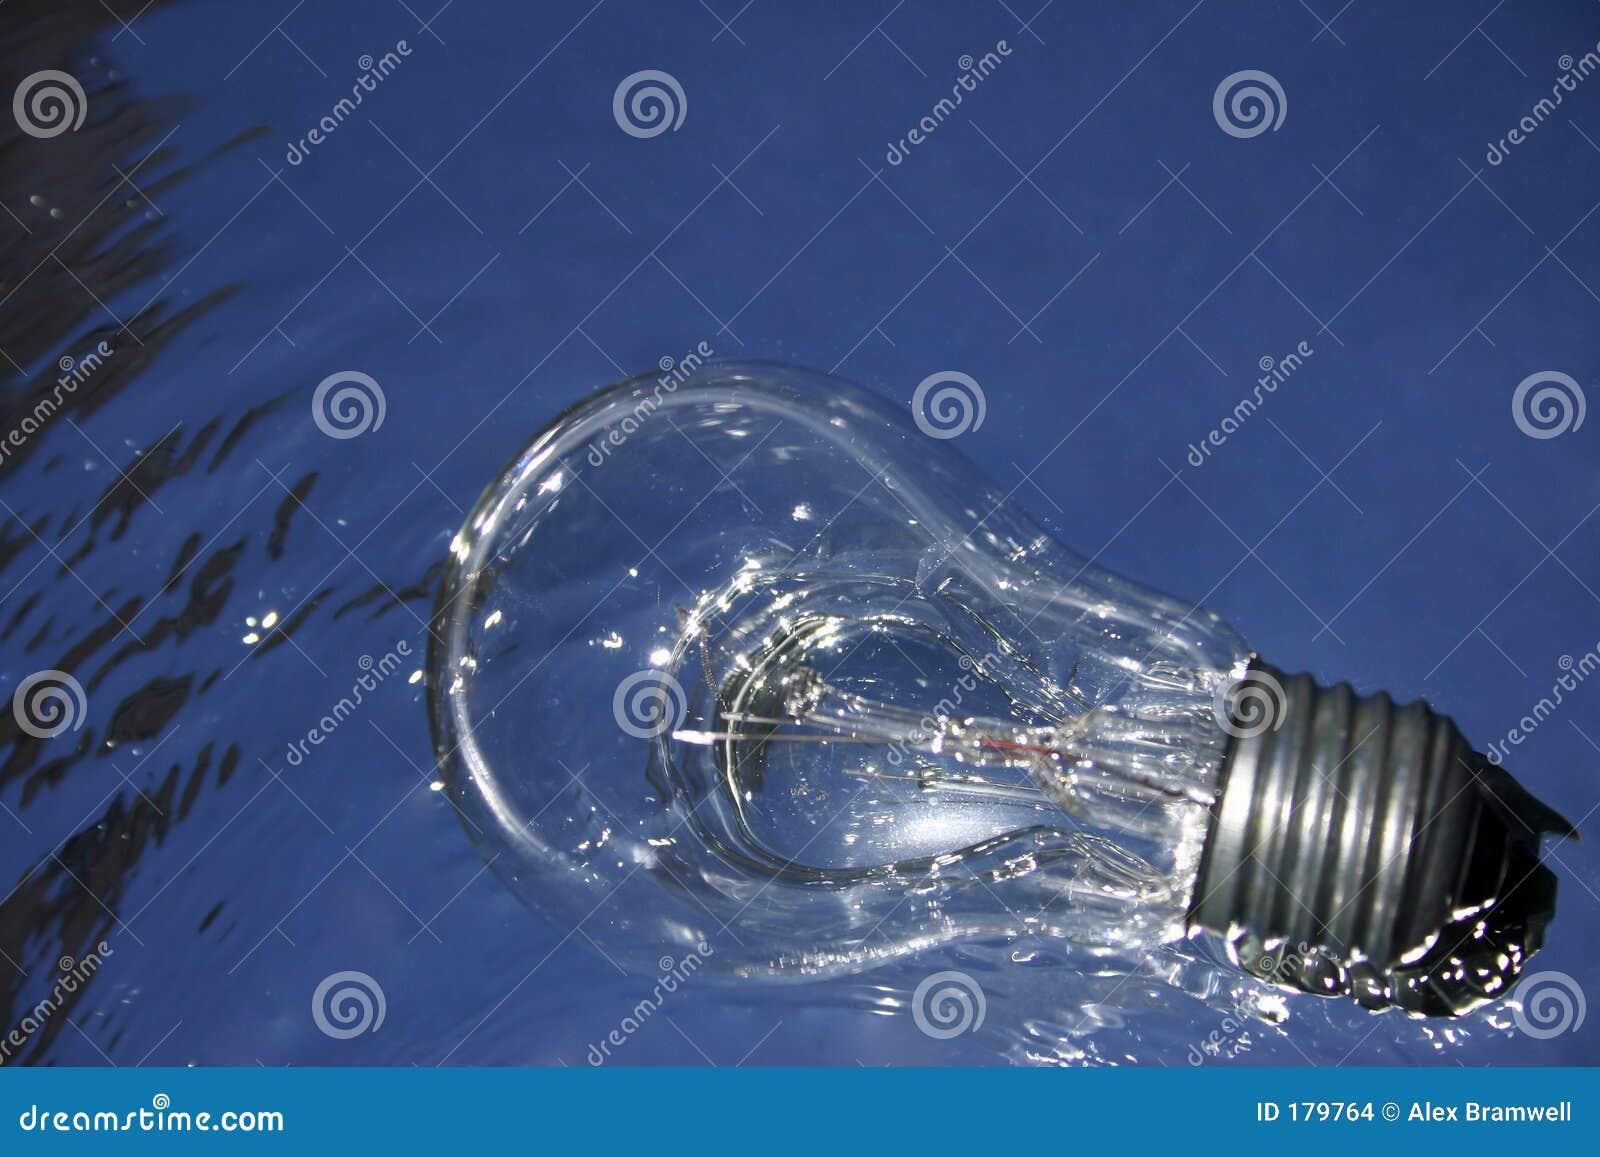 Inundado con ideas